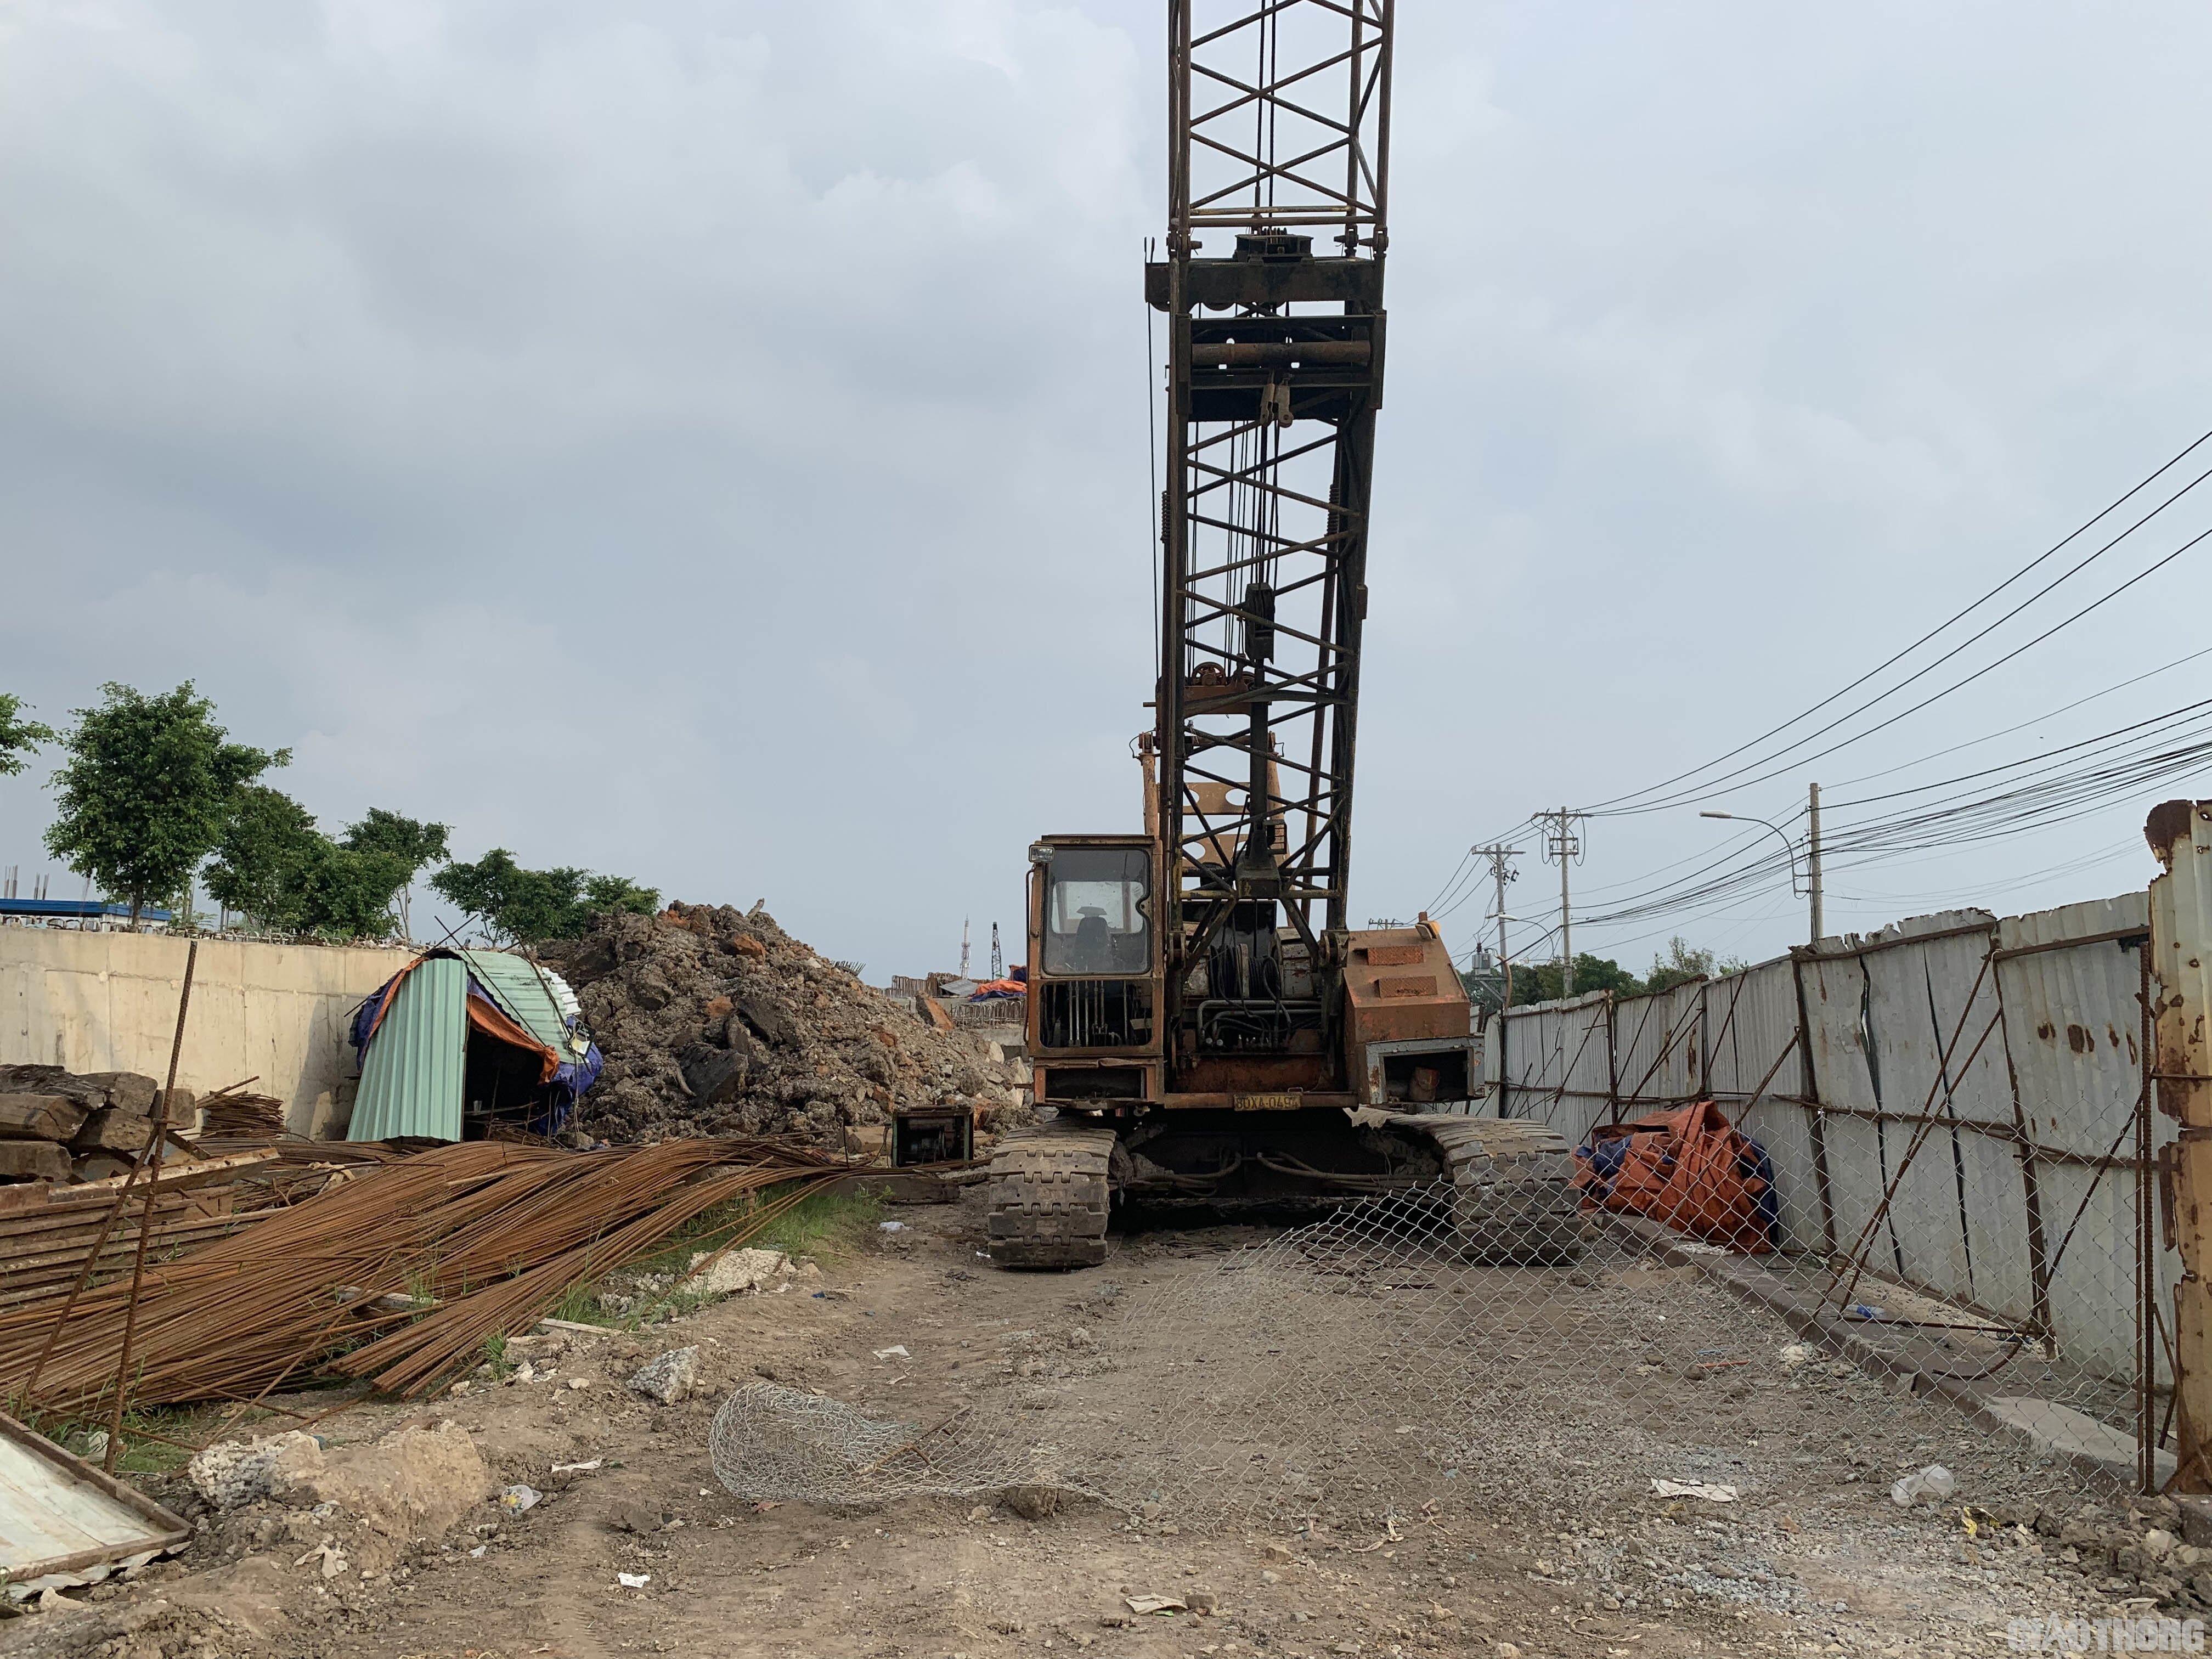 TP Hồ Chí Minh tạm ngưng các công trình liên quan đến giao thông trong dịp lễ 30 4 và 1 5